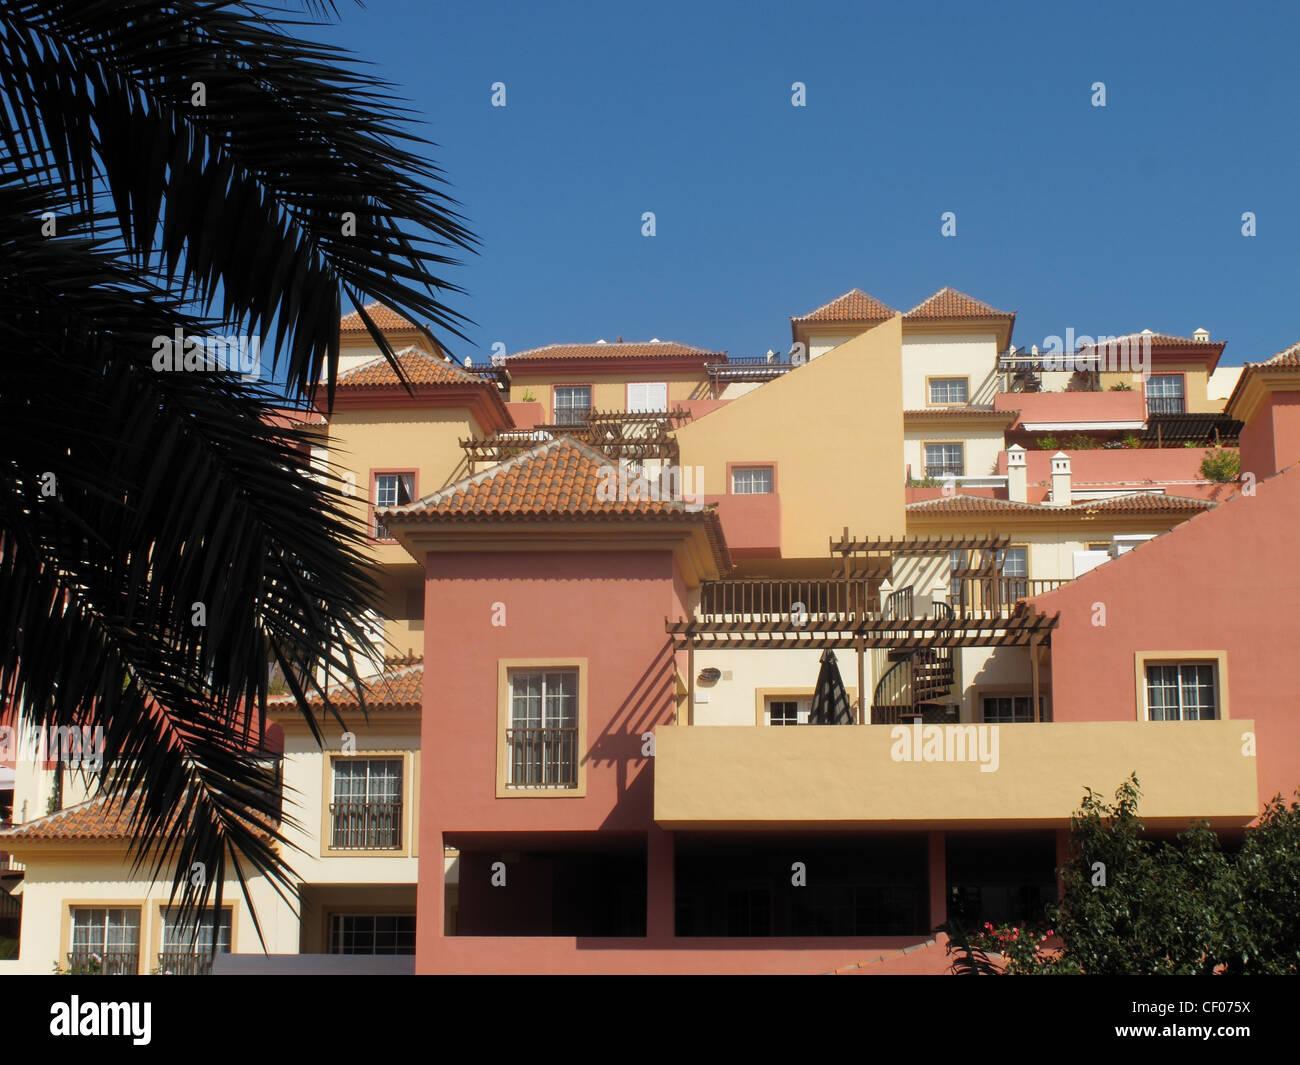 Casas de colores brillantes, con balcones en Costa Adeje, Tenerife, Islas Canarias Imagen De Stock